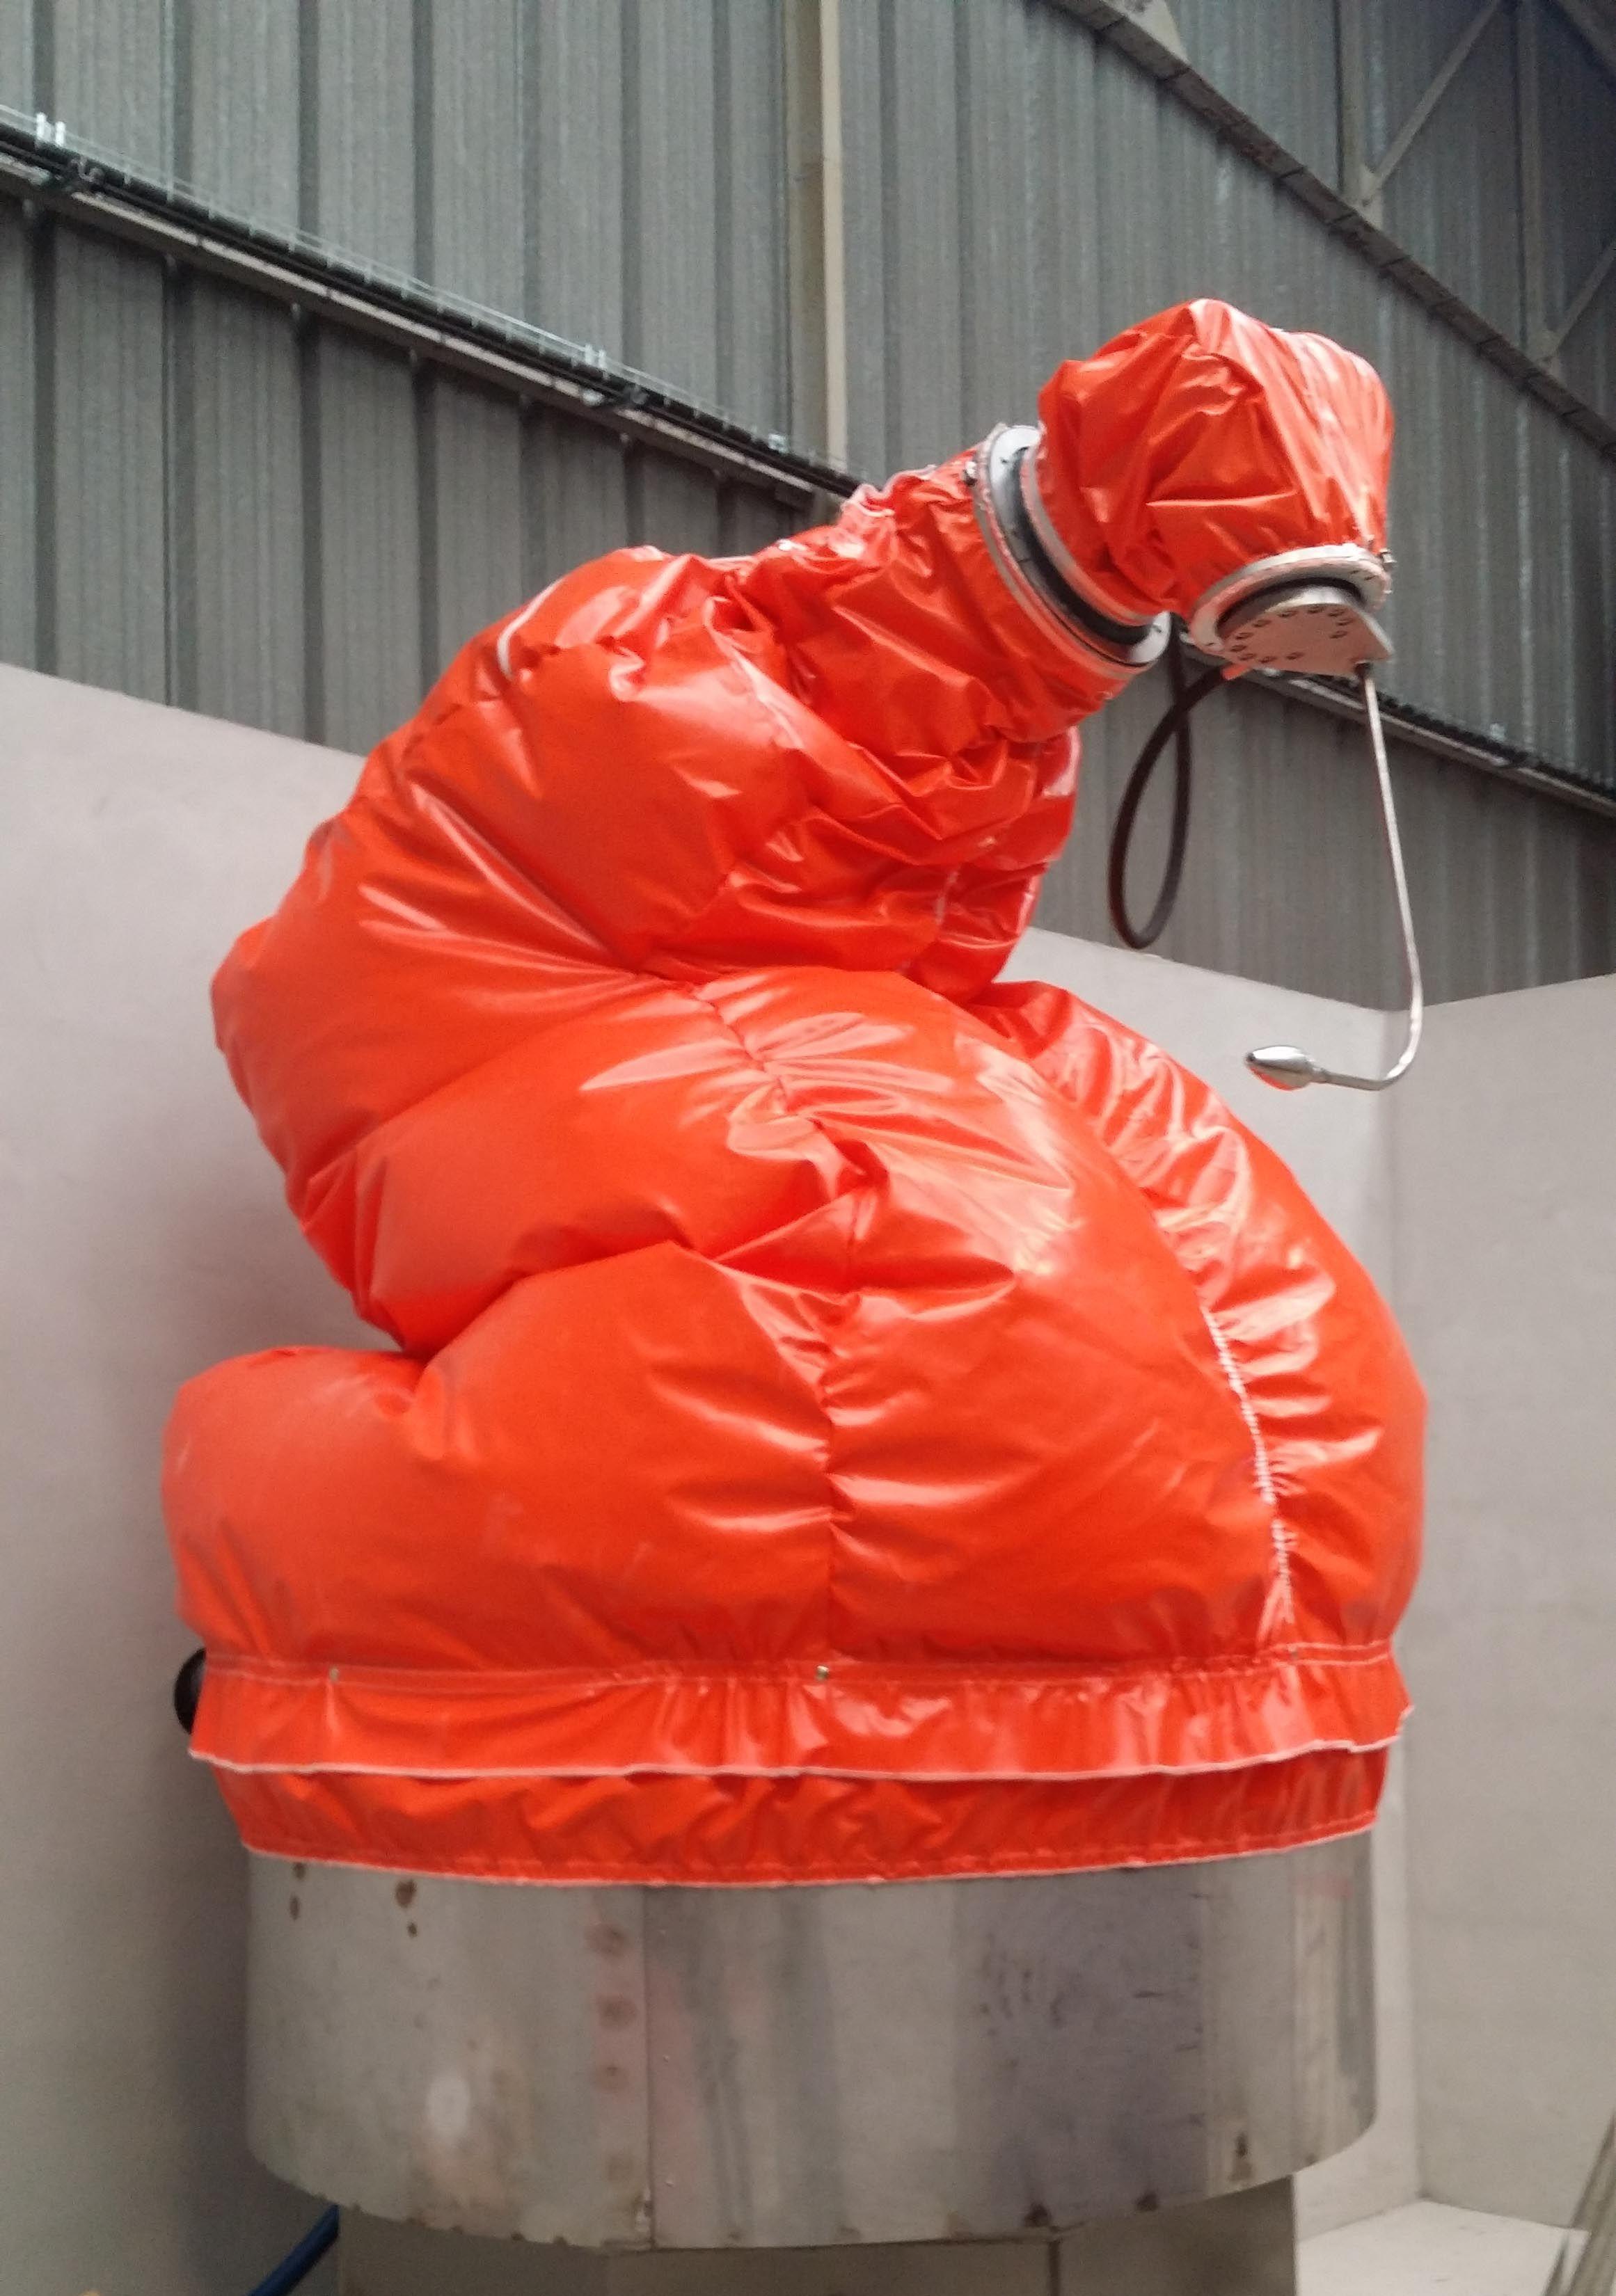 Cubierta fundas protectora para laa kuka robot 150 impermeable y ventilada hdpr